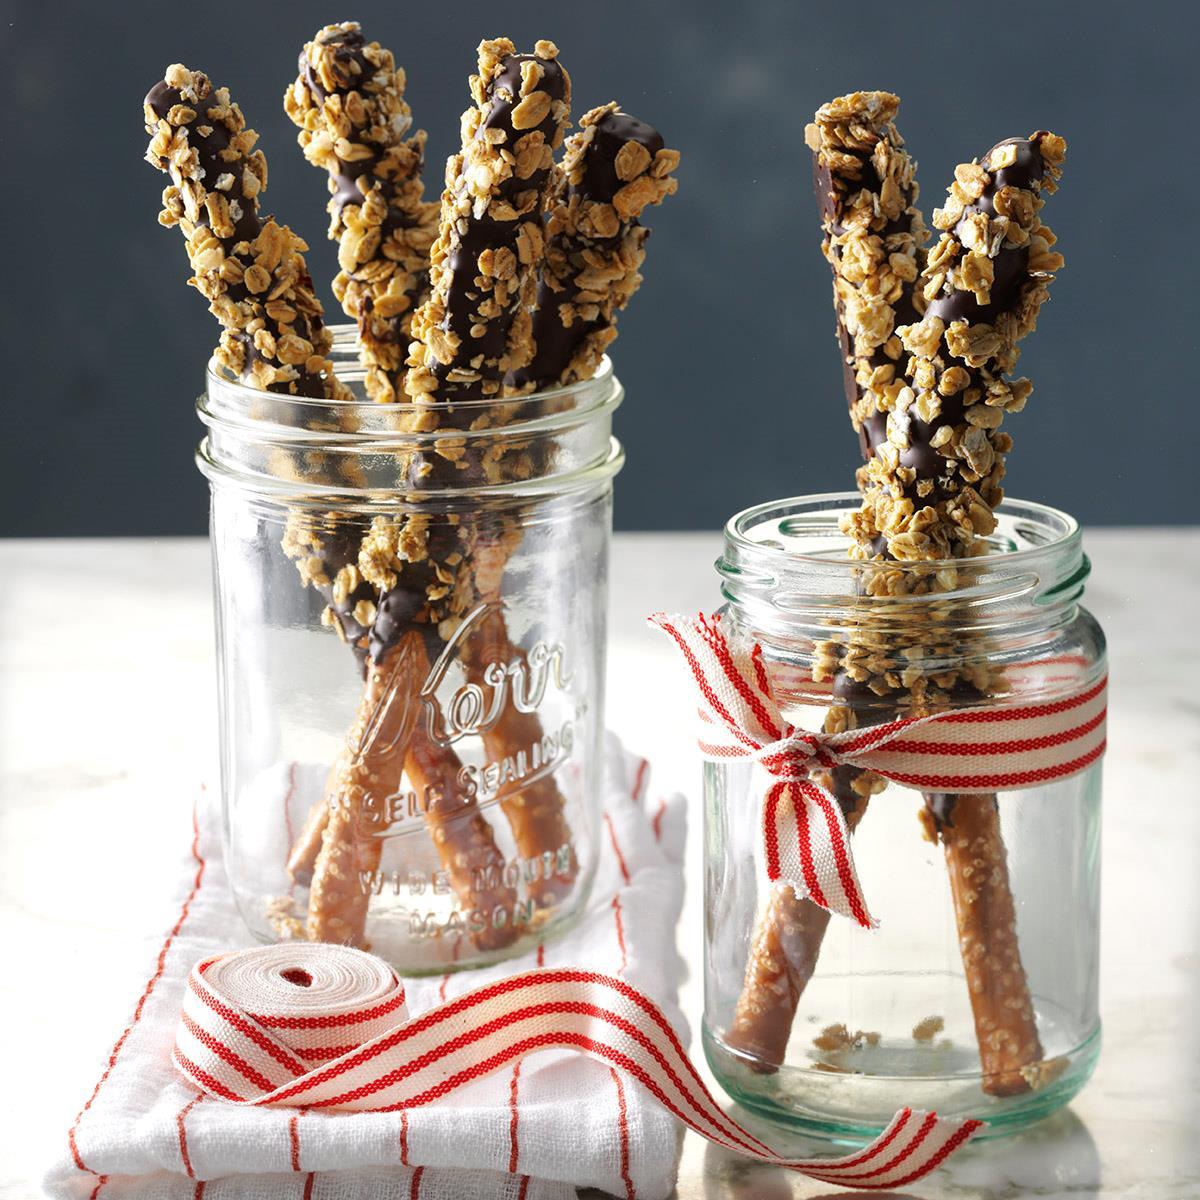 Crunchy Granola Pretzel Sticks